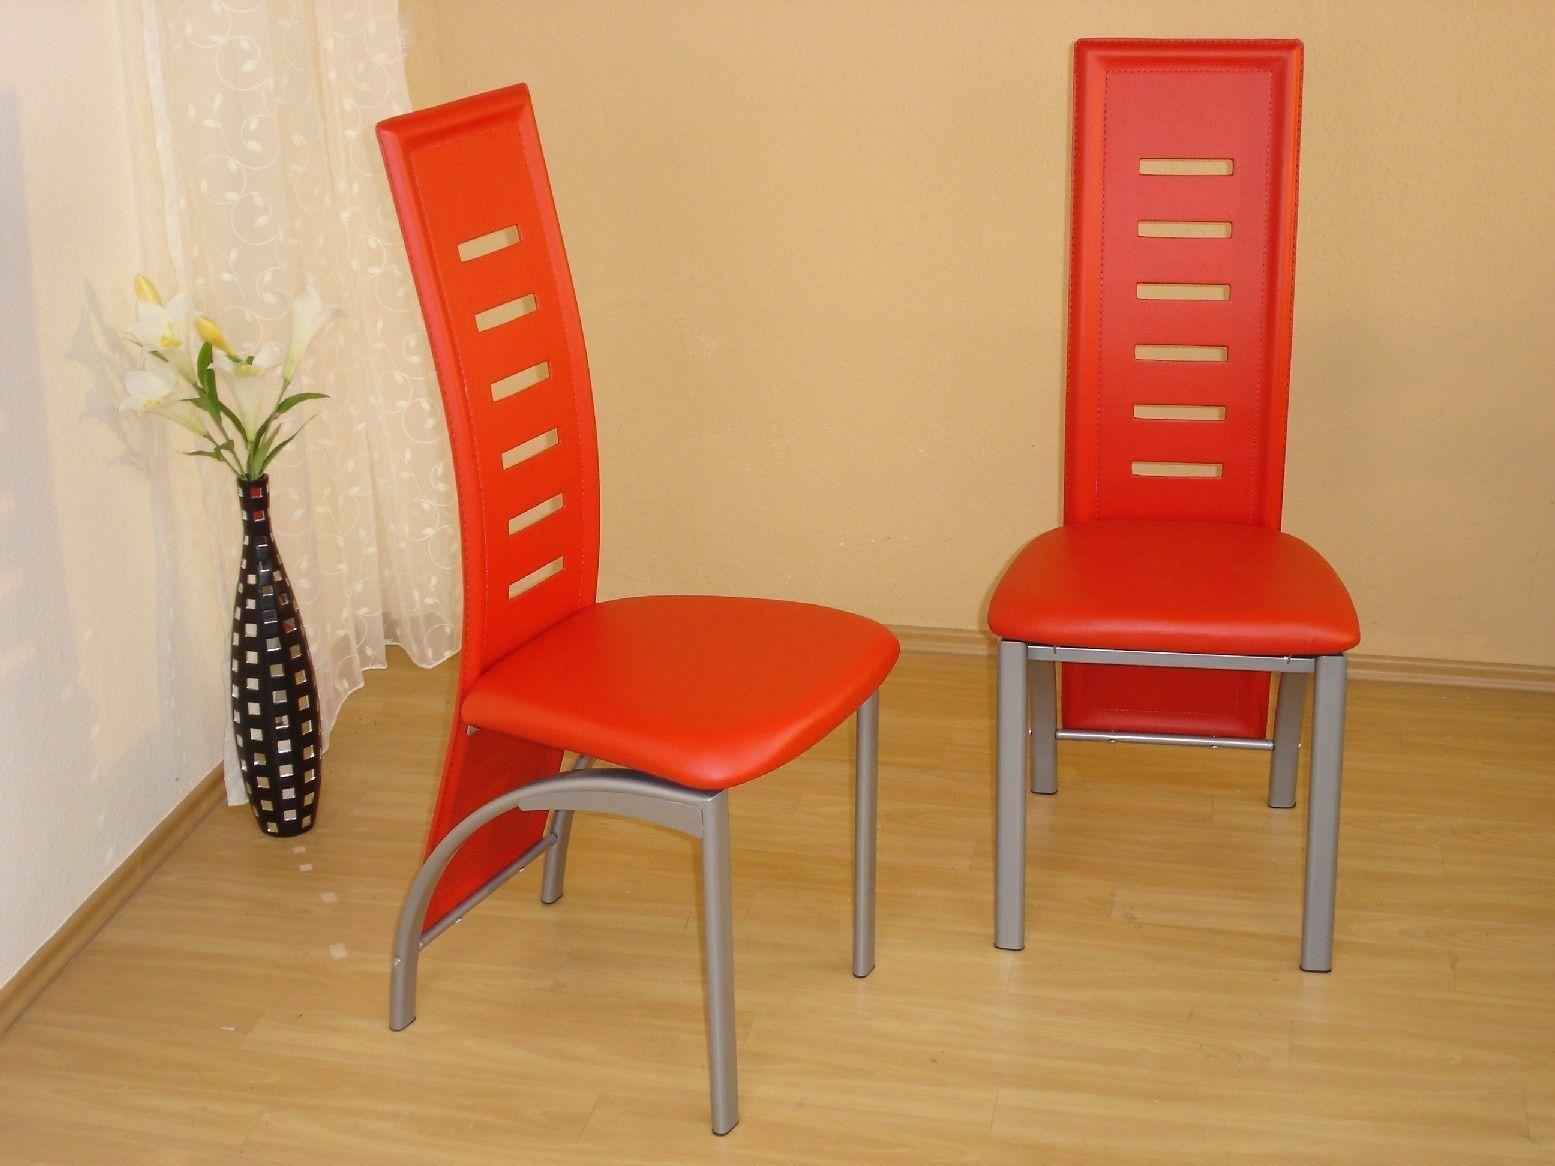 2 X Stuhl Stühle Rot Stuhlset Esszimmerstühle Kunstleder Modern